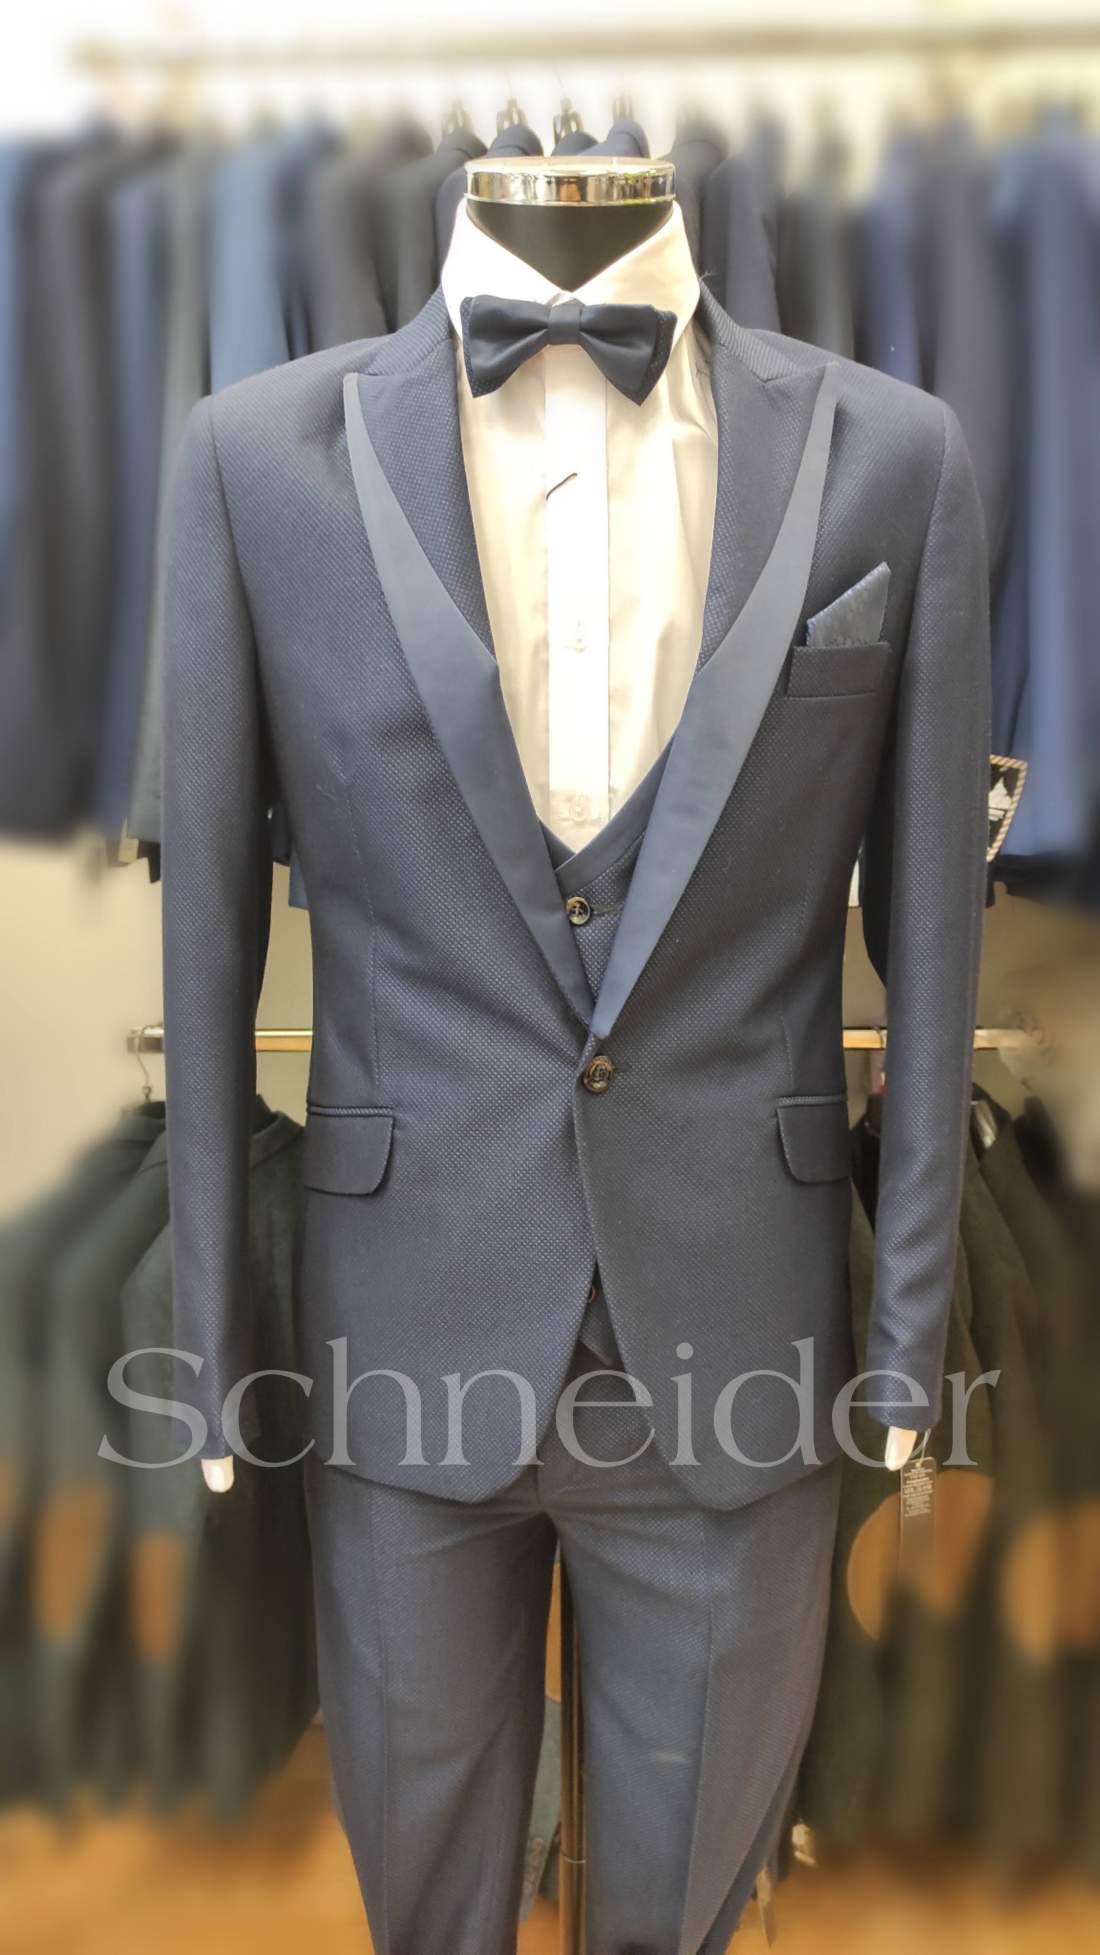 Schneider esküvői öltöny(5 részes) kék